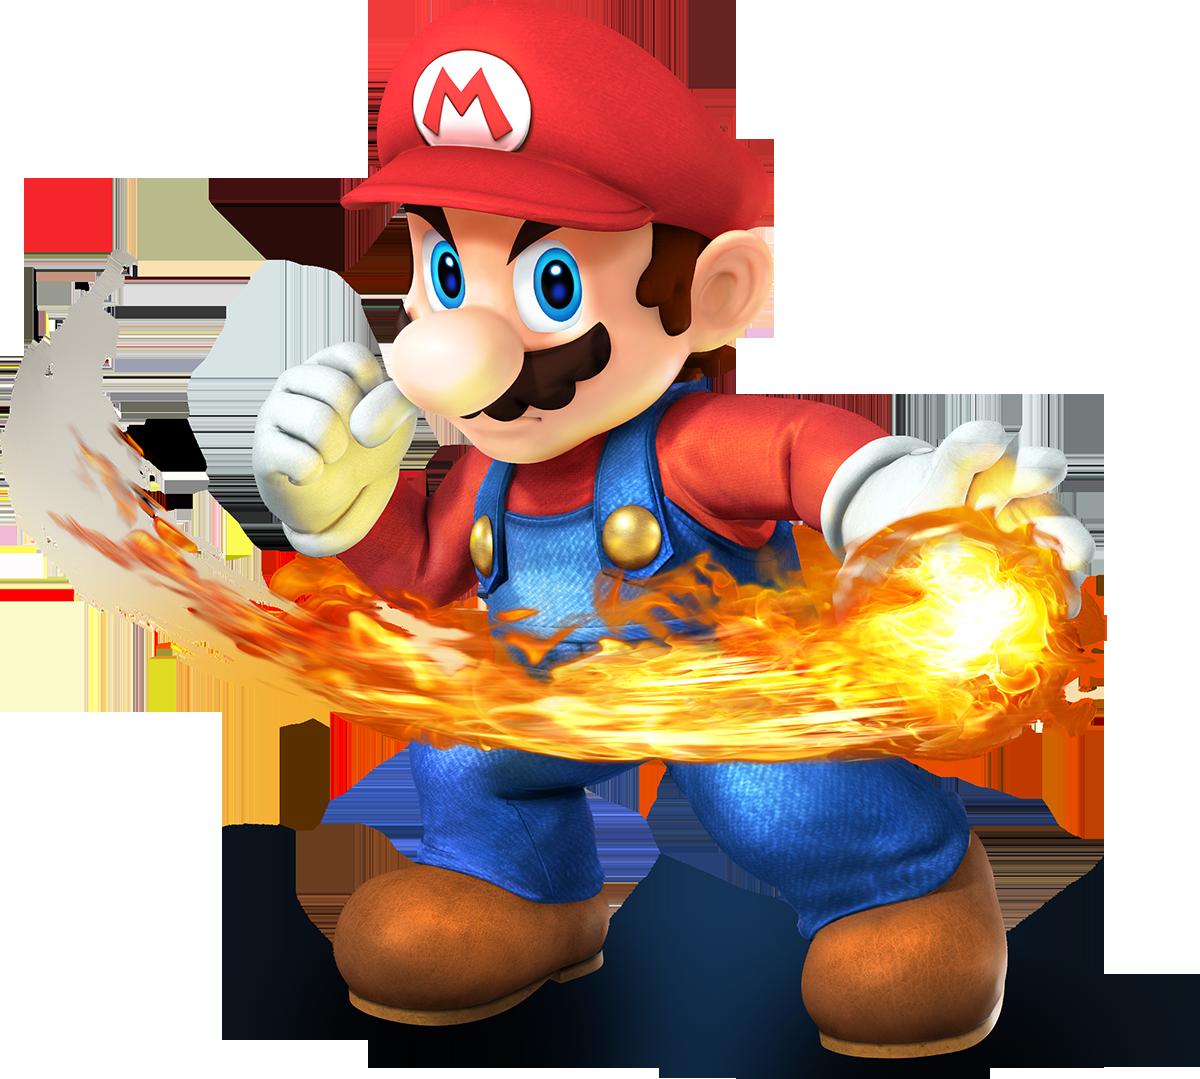 Www Imagenspng Com Br Wp Content Uploads 2015 02 Super Mario Mario 05 Png Super Smash Bros Personagens Super Smash Bros Personagens De Videogame